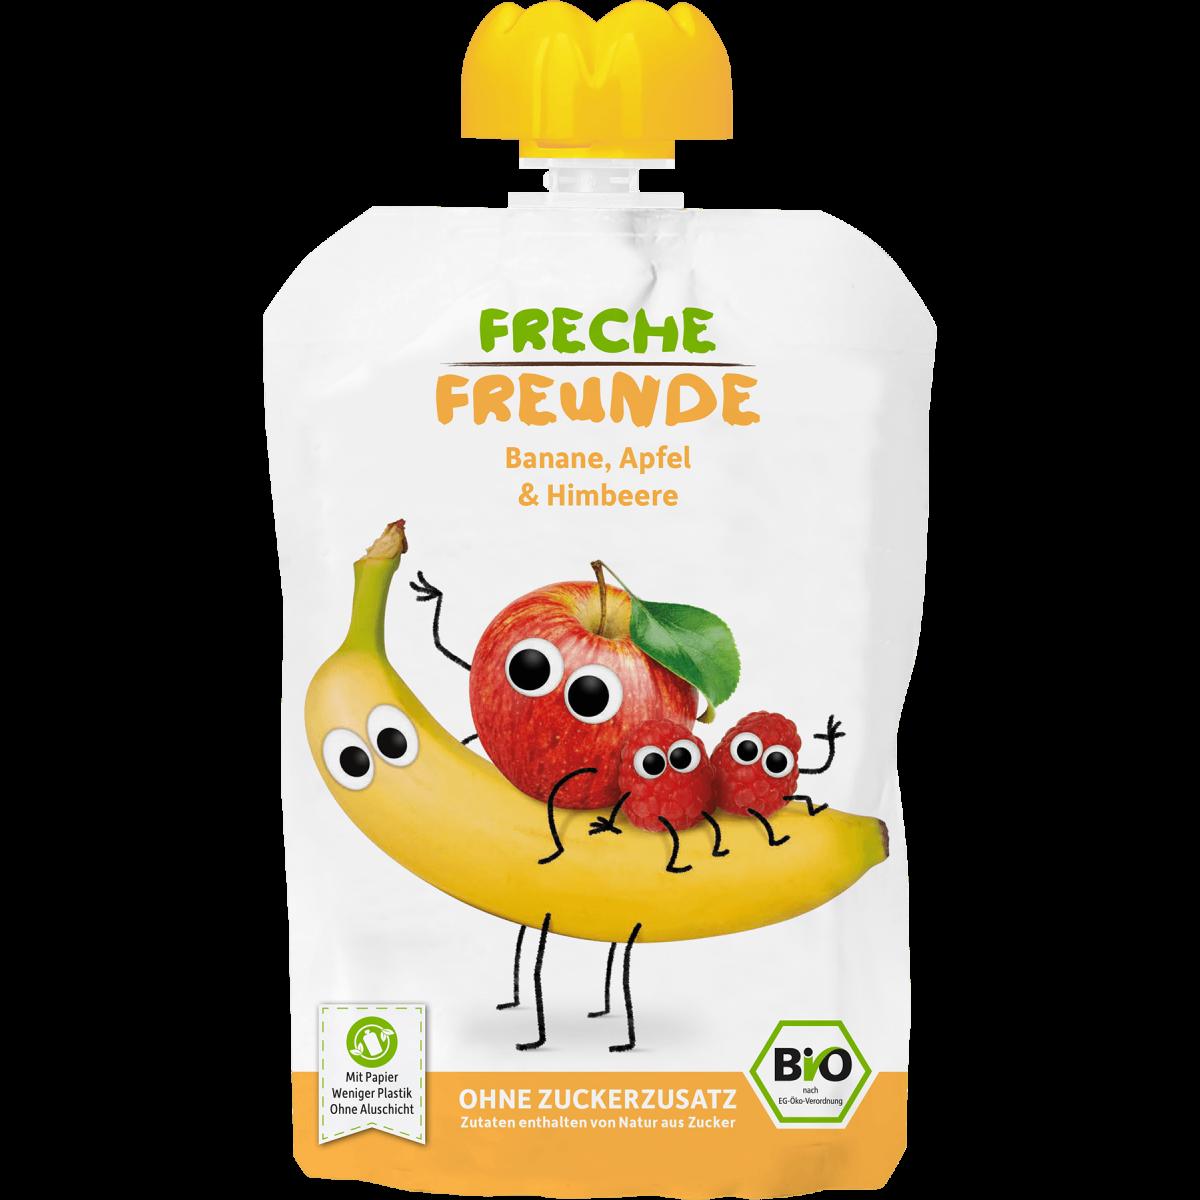 Freche Freunde Quetschmus Banane, Apfel & Himbeere Beutel 100g (6er Pack)